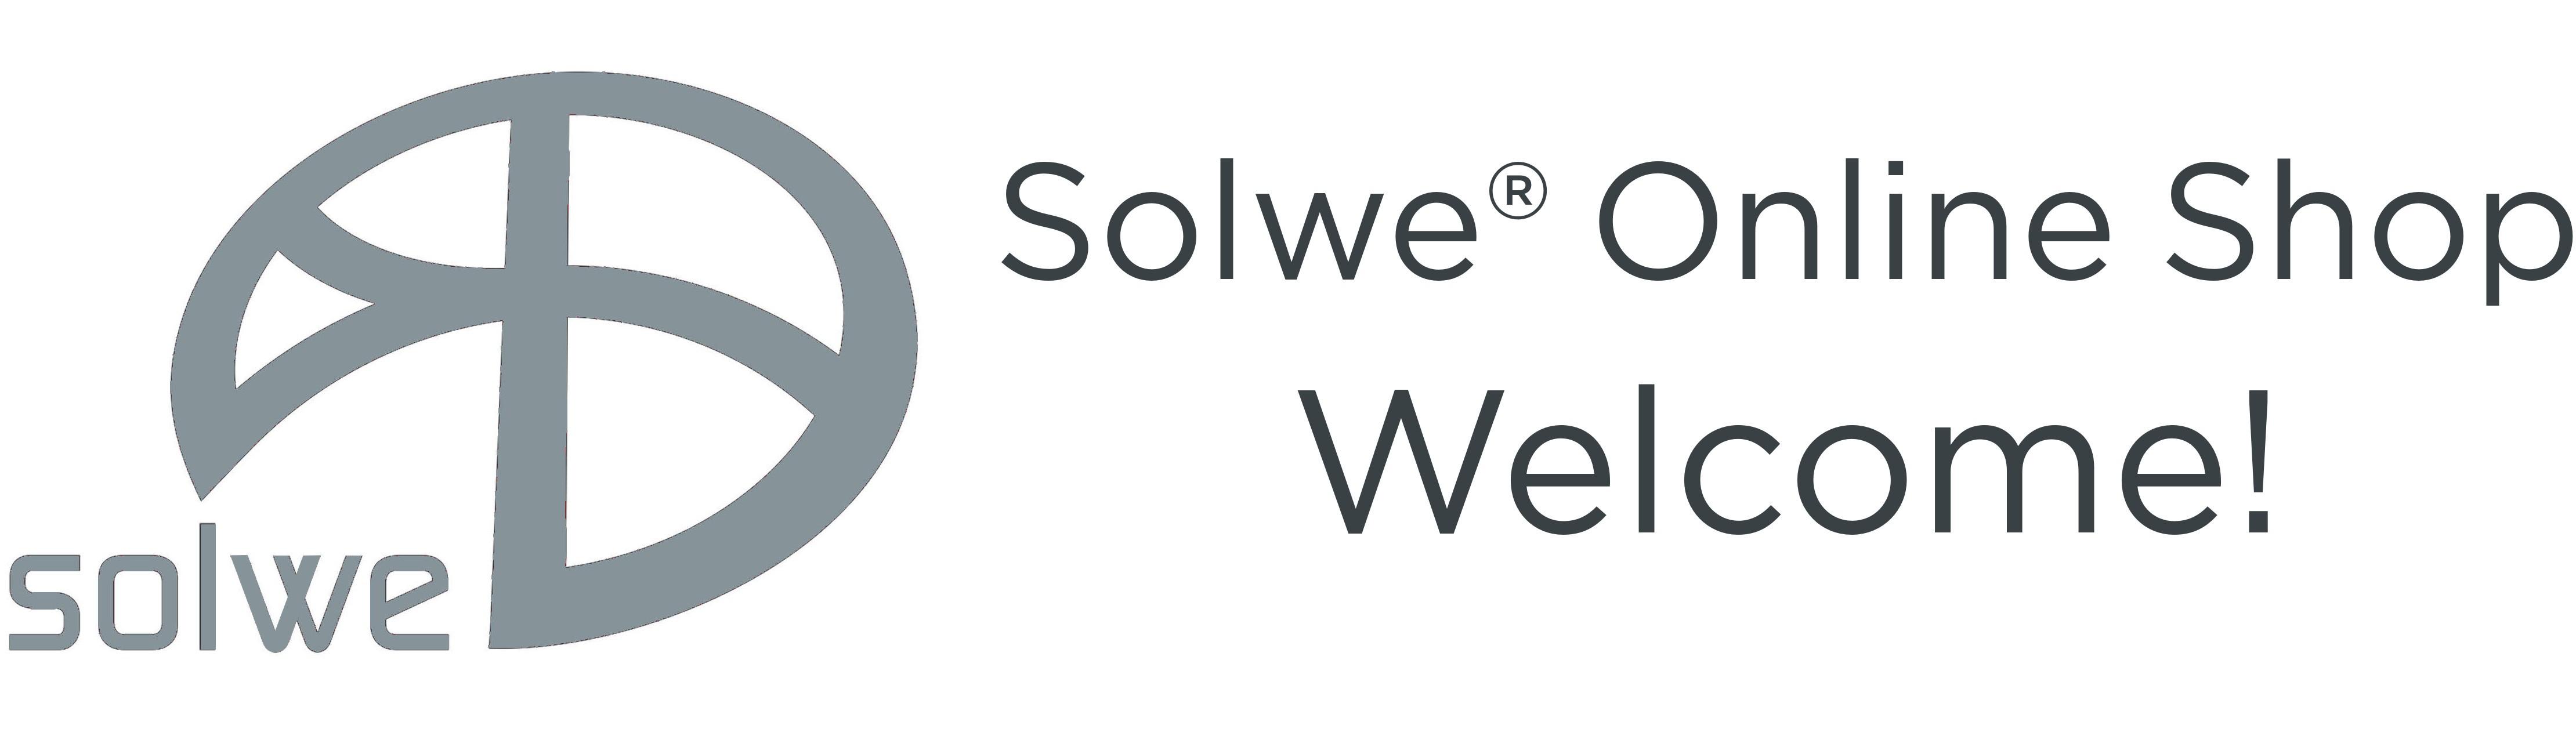 Solwe Online Shop